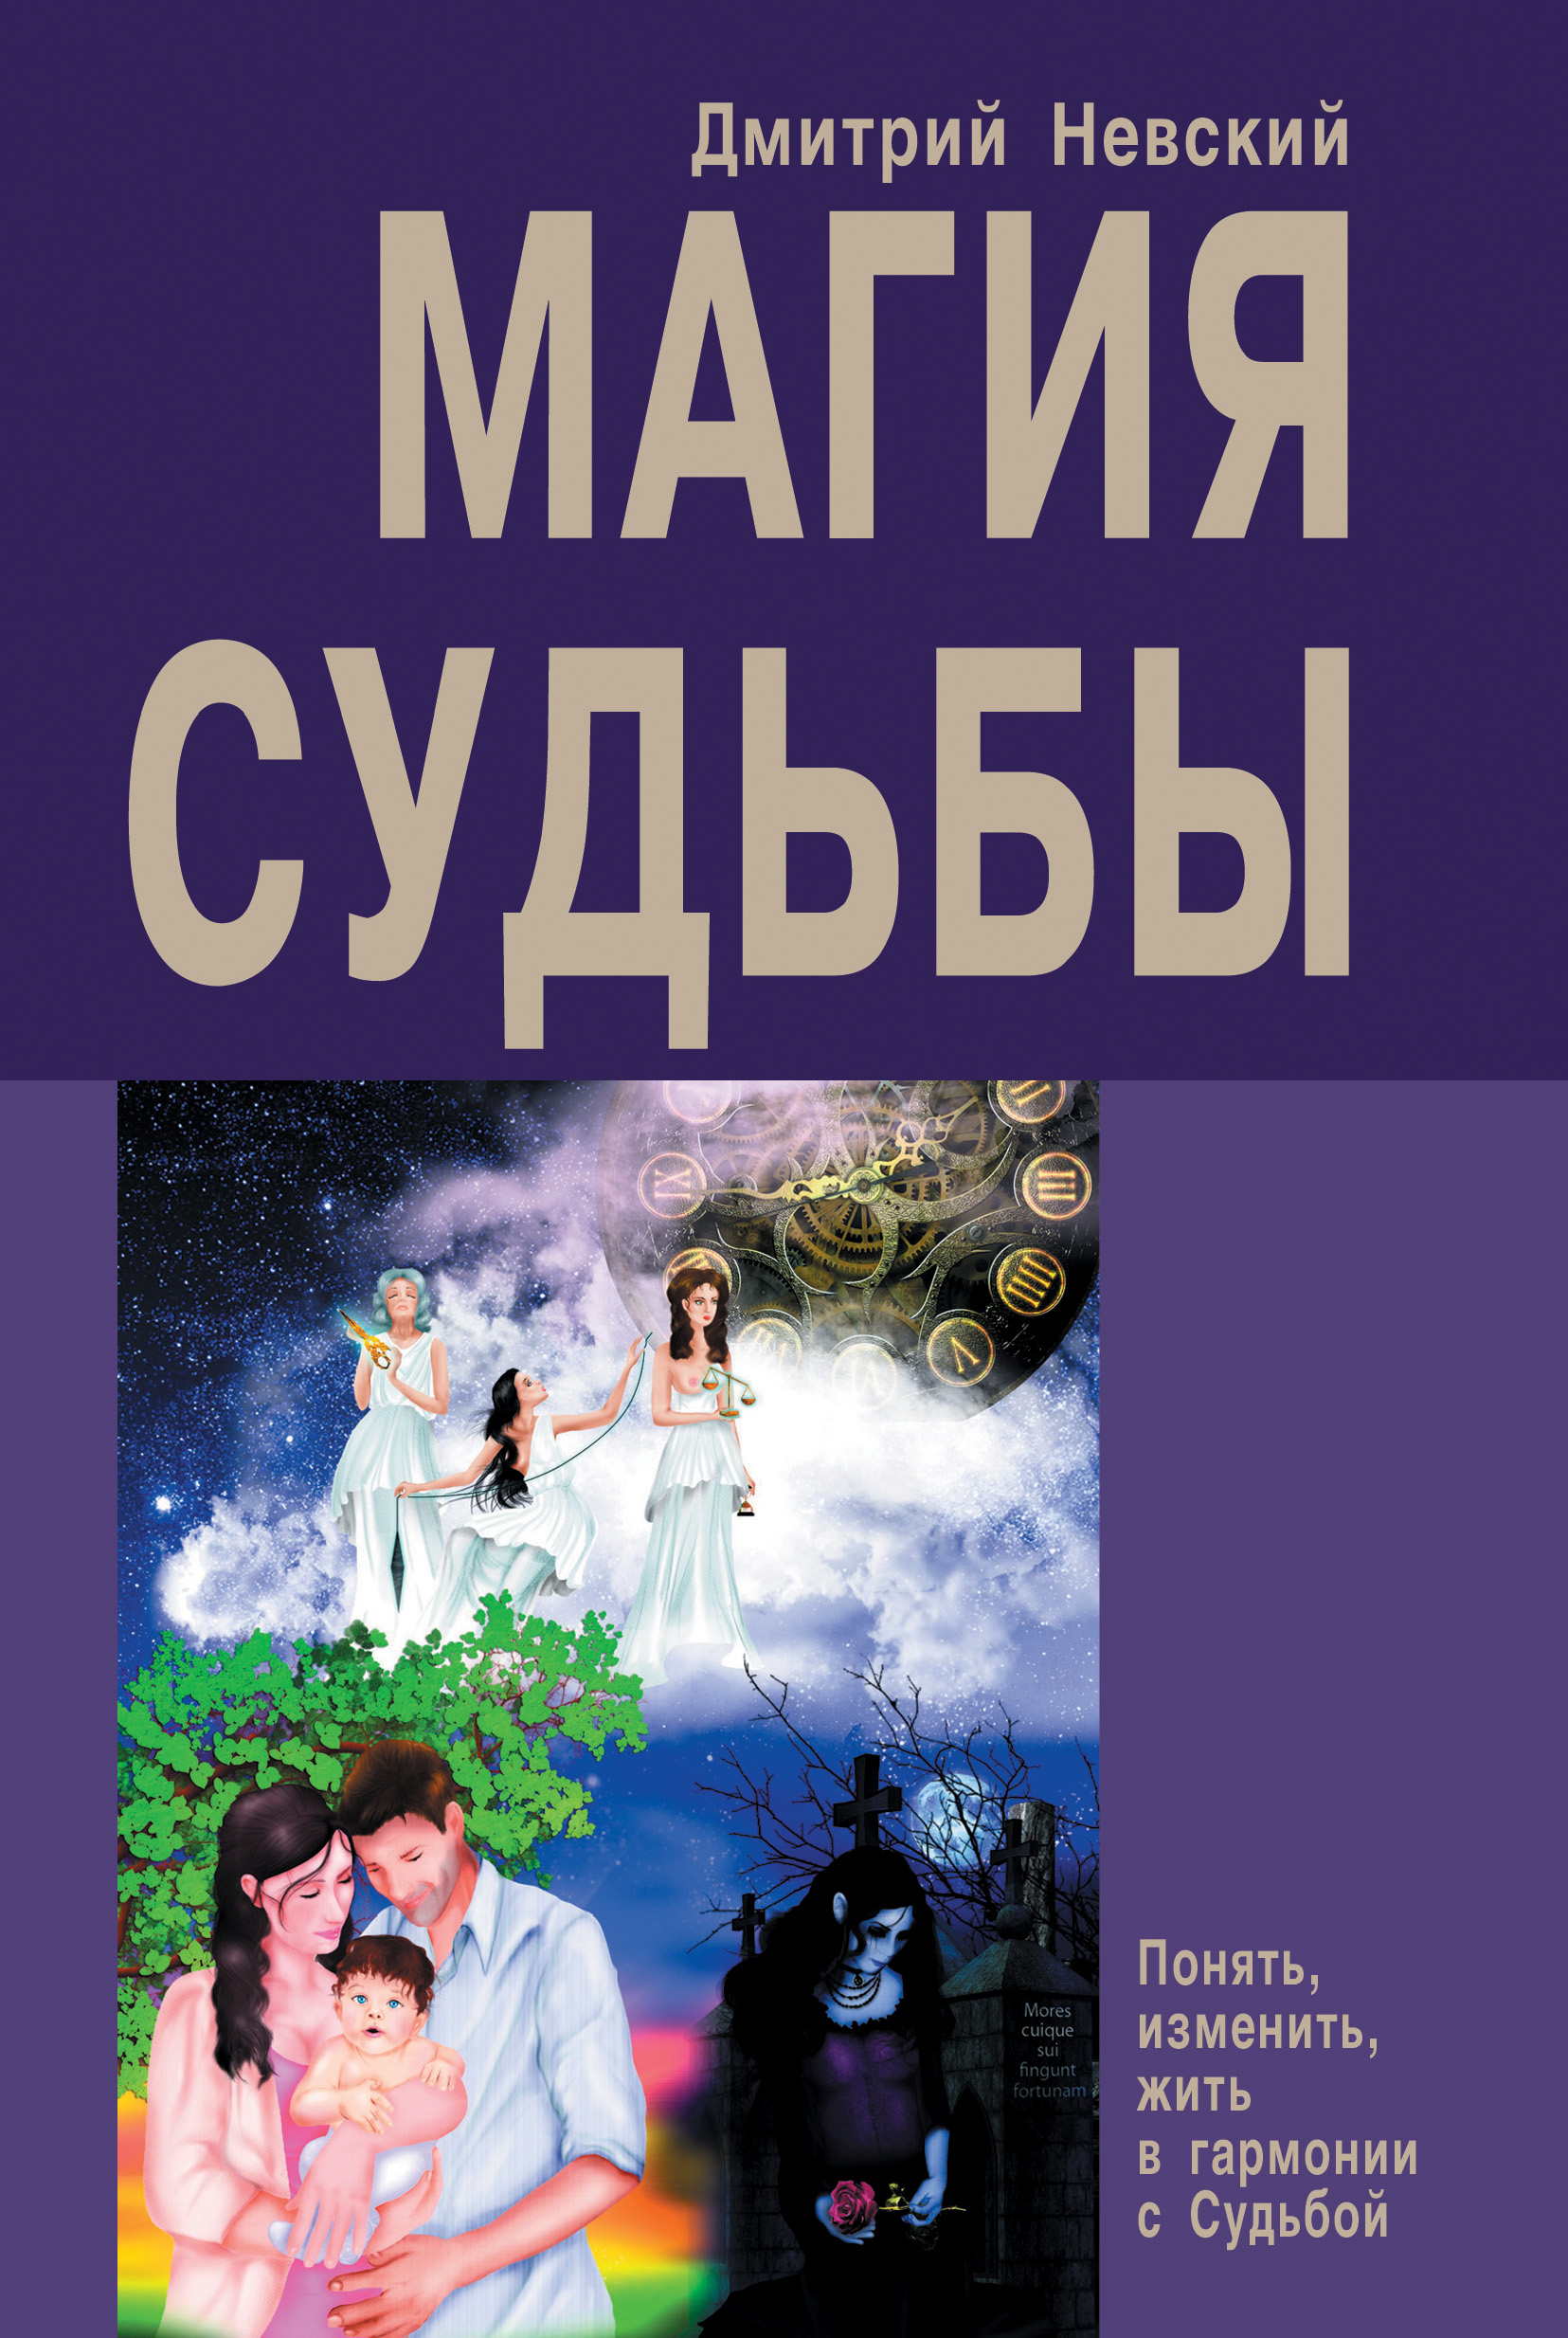 Дмитрий Невский Магия Судьбы дмитрий невский магия судьбы